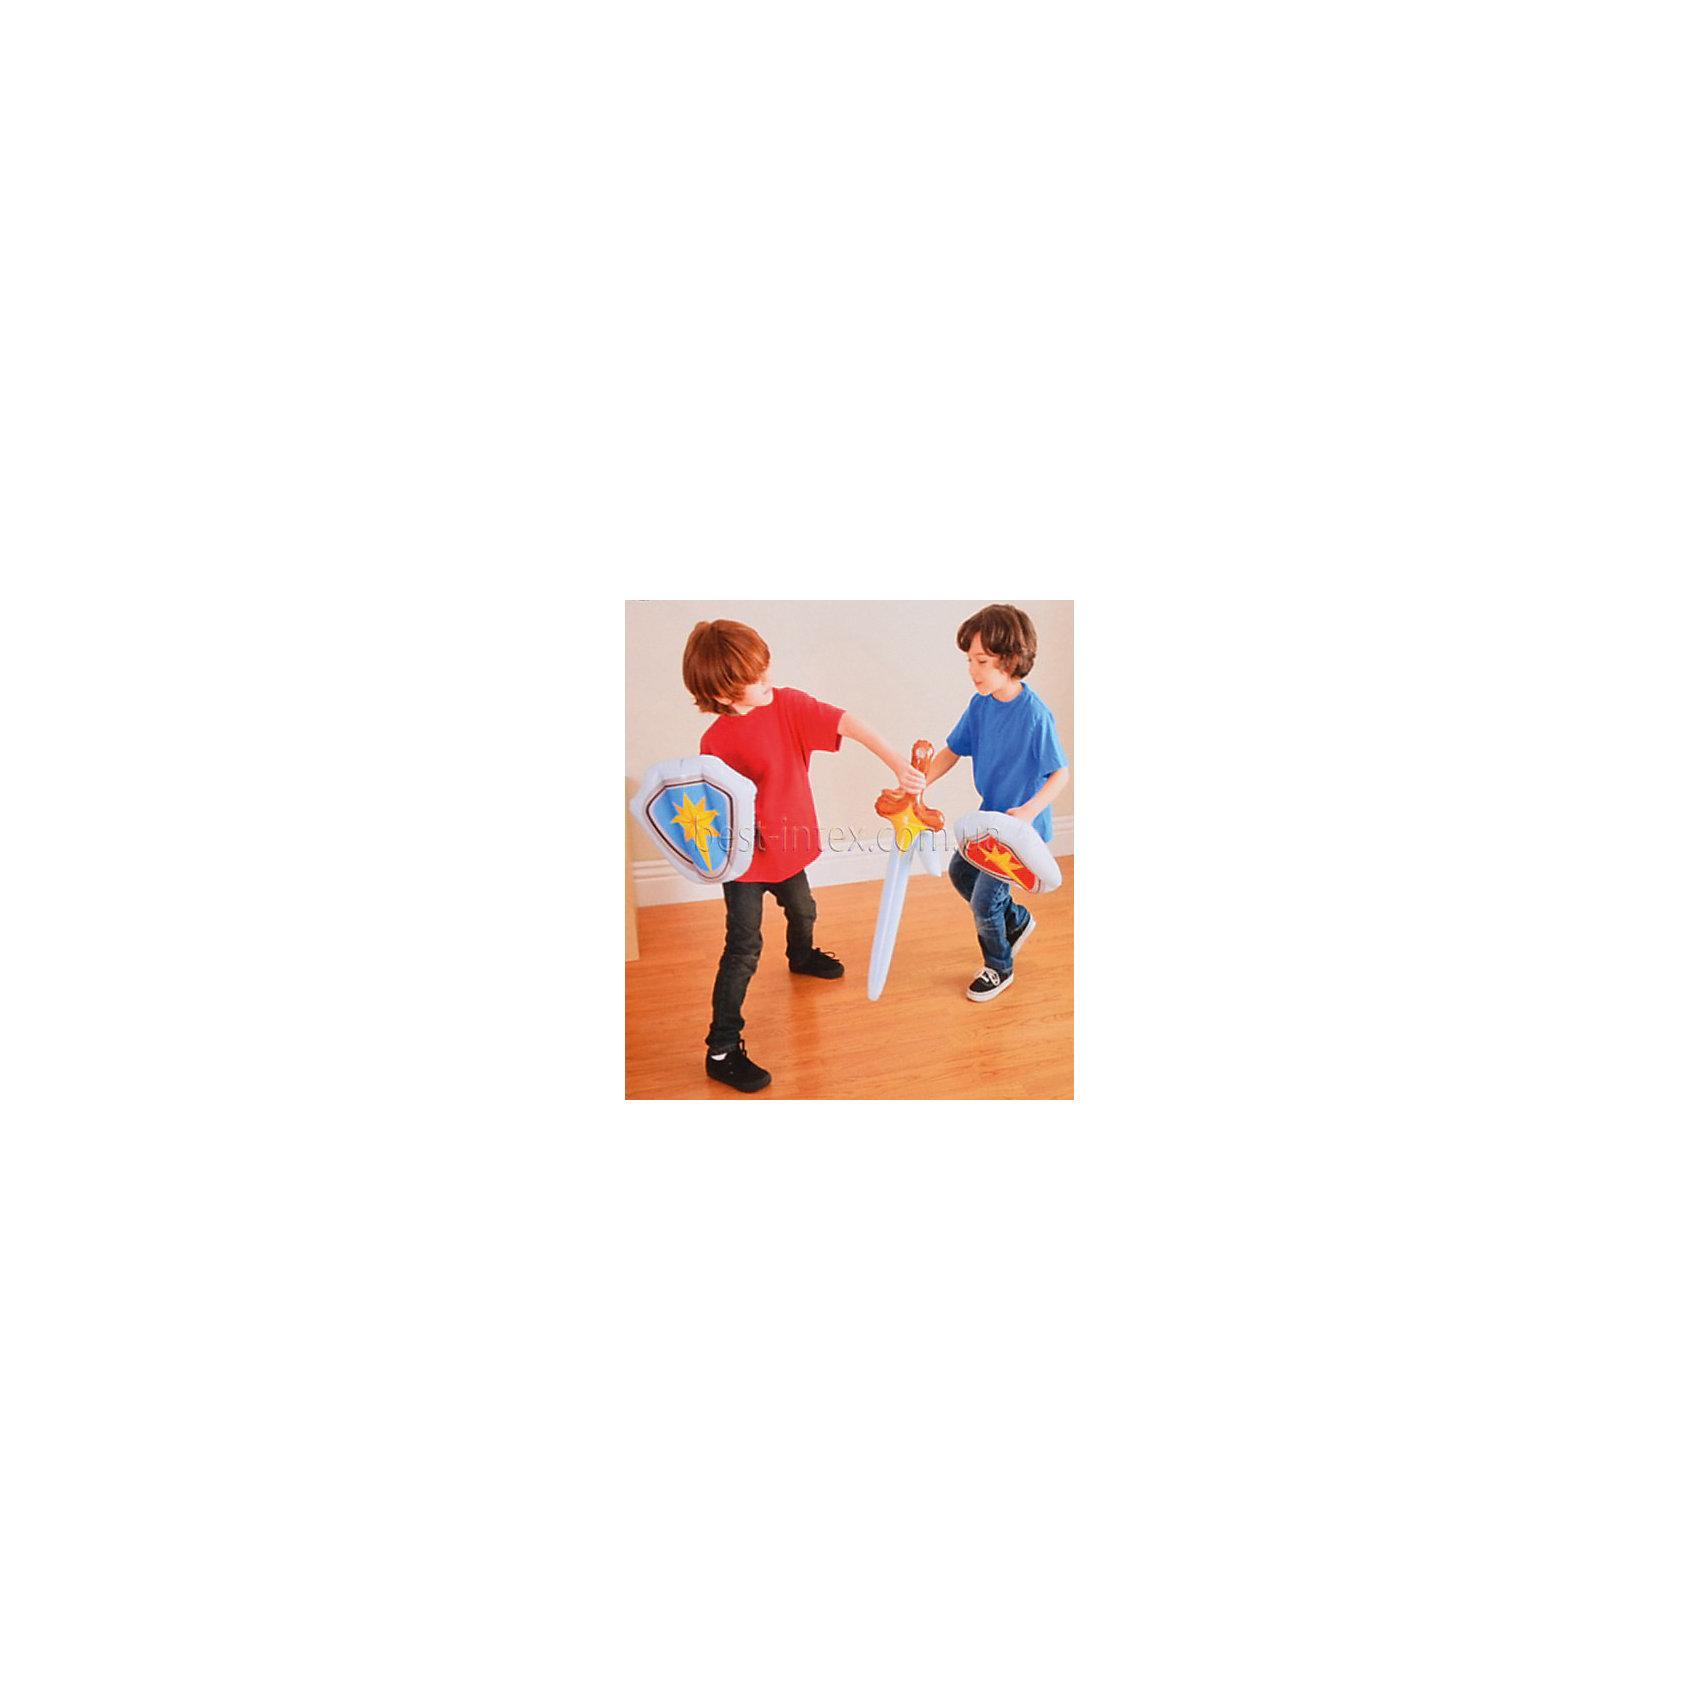 Набор надувных игрушек Щит и мечНадувные игрушки - это безопасный способ занять ребенка. Набор надувных игрушек Щит и меч позволят детям проводить бои, не боясь поранить друг друга. А еще с ними можно плавать!<br>Этот набор надолго займет детей! Игра с ним помогает детям развивать координацию движений, внимательность и ловкость. Игрушка сделана из качественных и безопасных для ребенка материалов.<br><br>Дополнительная информация:<br><br>цвет: разноцветный;<br>размер упаковки:  19 х 17 х 4 см, меч - 56 х 18 см, щит - 30 х 28;<br>вес: 190 г;<br>материал: винил.<br><br>Набор надувных игрушек Щит и меч можно купить в нашем магазине.<br><br>Ширина мм: 40<br>Глубина мм: 180<br>Высота мм: 170<br>Вес г: 191<br>Возраст от месяцев: 36<br>Возраст до месяцев: 2147483647<br>Пол: Мужской<br>Возраст: Детский<br>SKU: 4916410